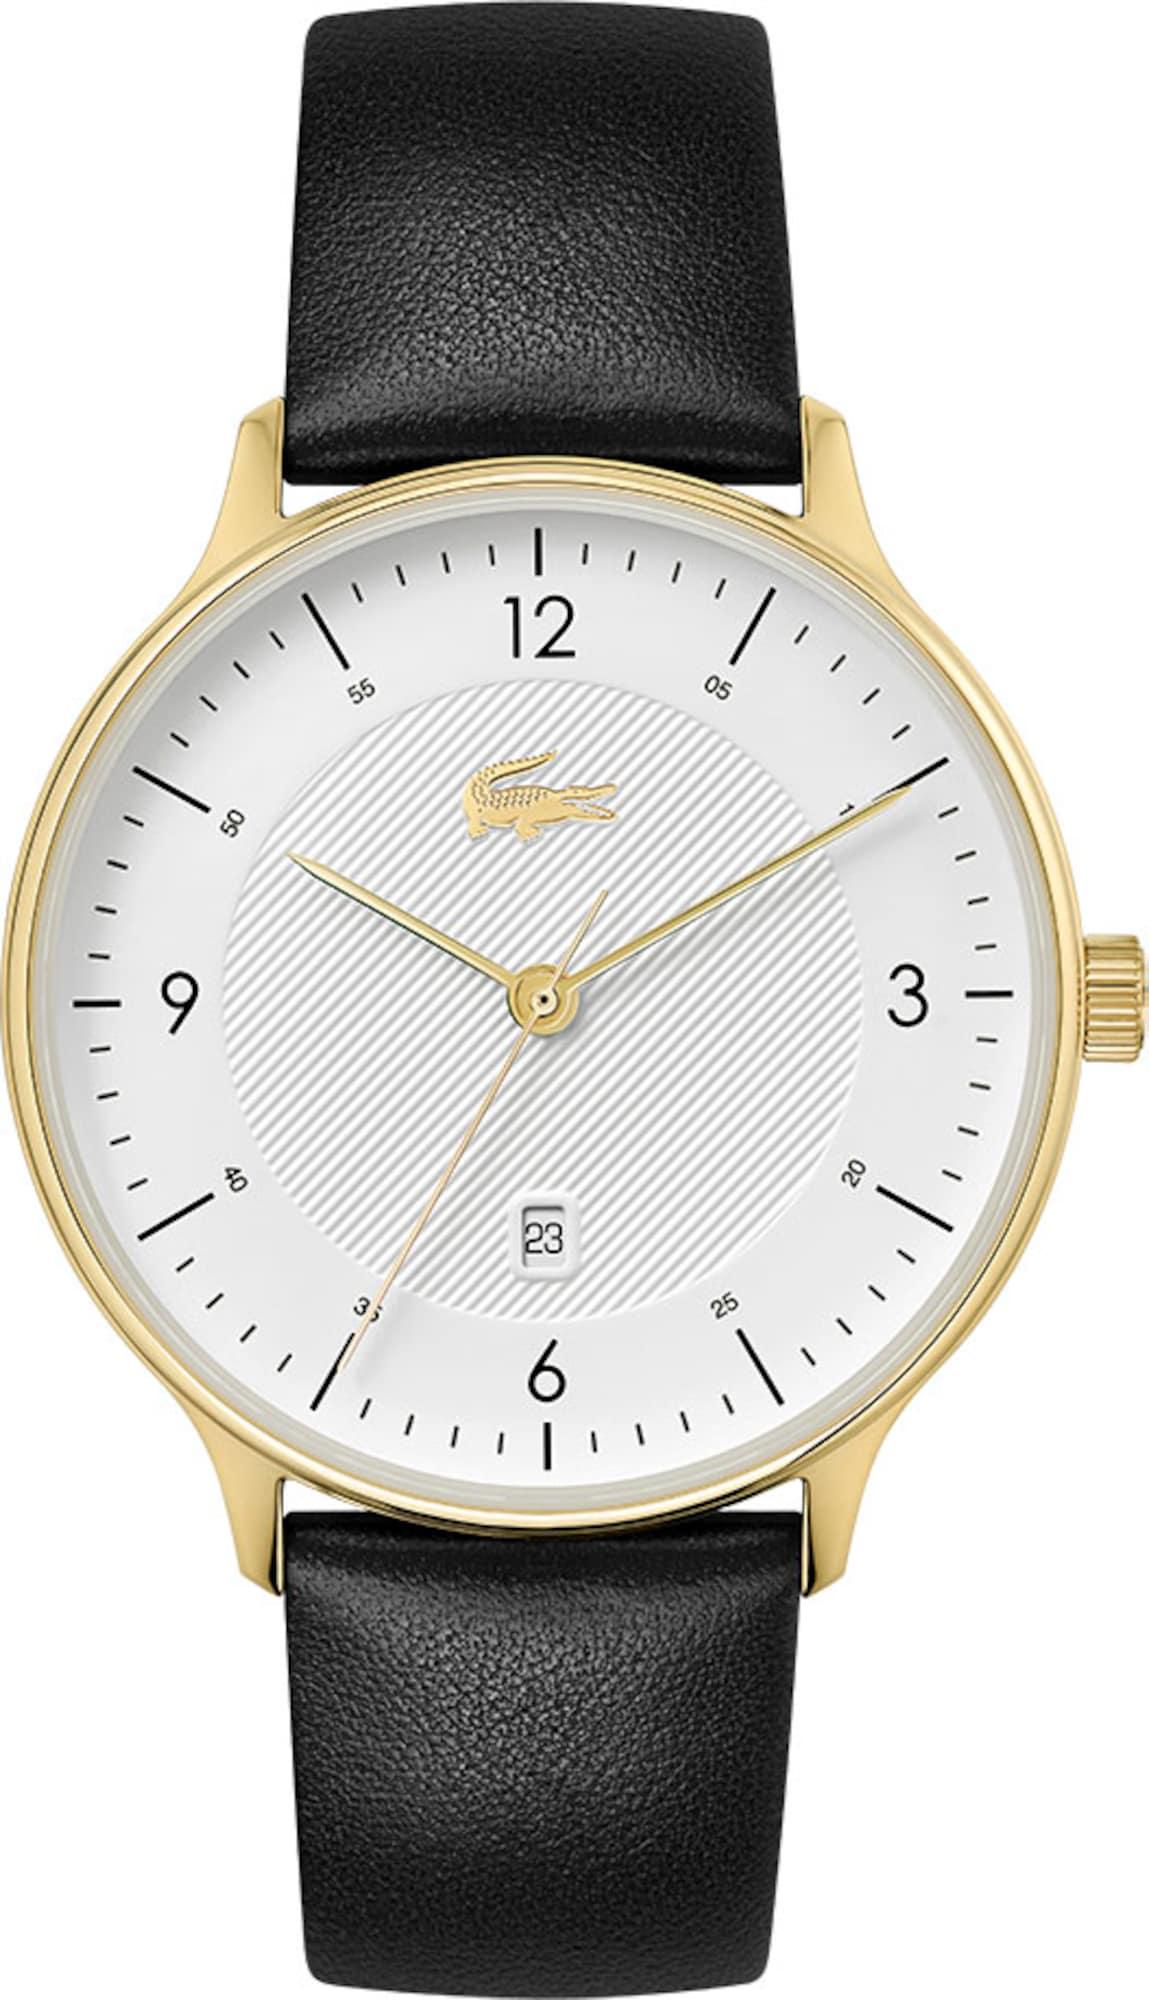 LACOSTE Analoginis (įprasto dizaino) laikrodis juoda / balta / auksas